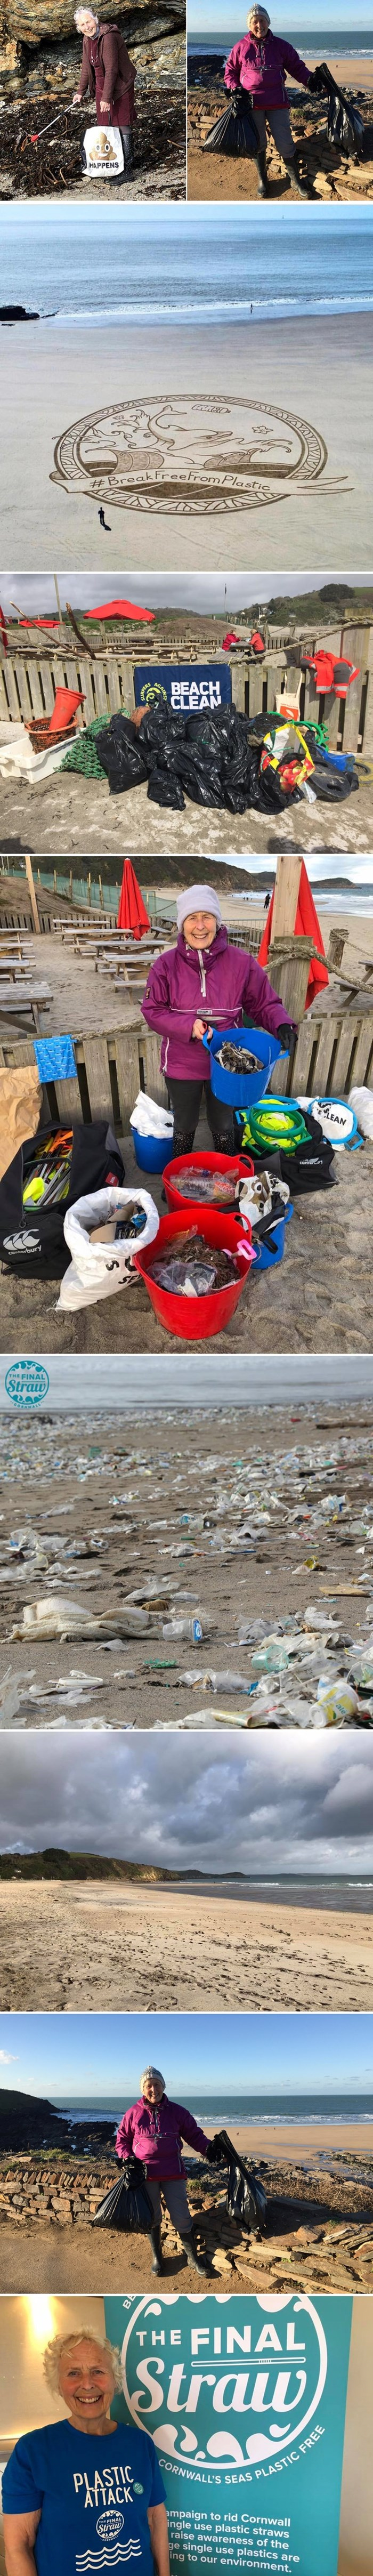 70-godišnja baka je u godinu dana očistila 52 plaže i dokazala da je uz malo truda prirodu moguće spasiti